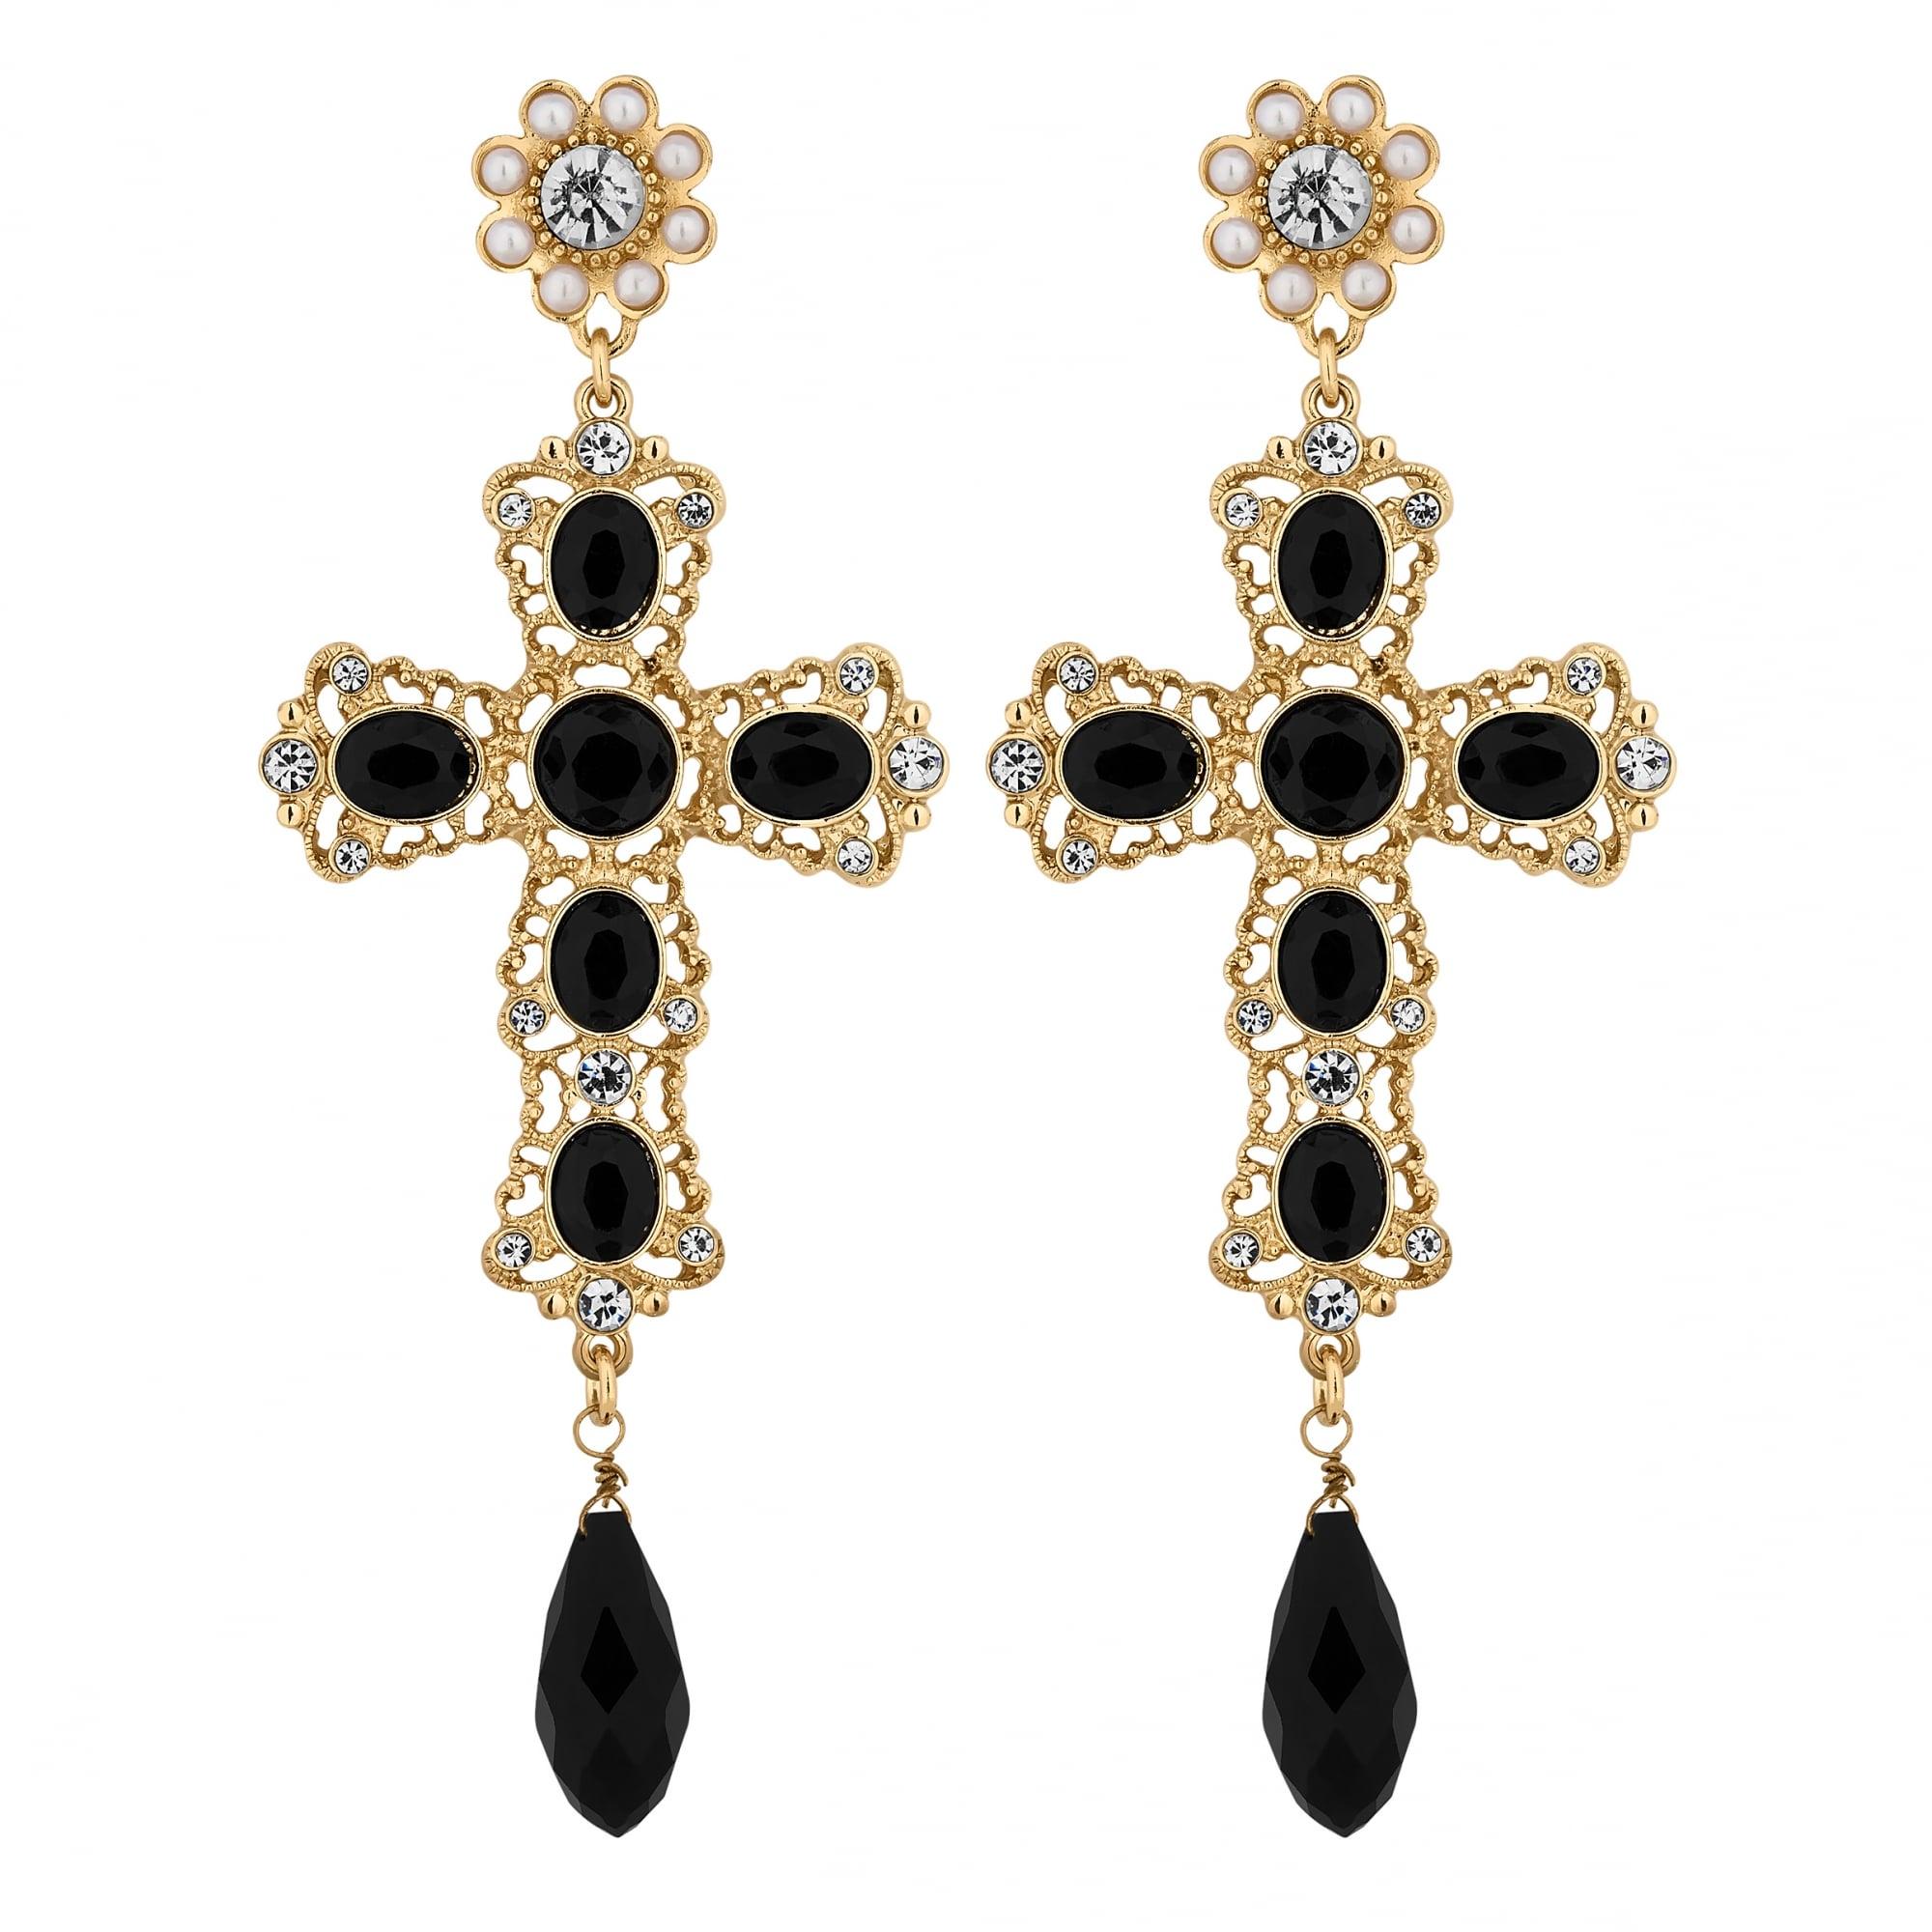 d8e8d10d74 Lipsy Gold Black Statement Cross Drop Earring - Jewellery from Jon ...